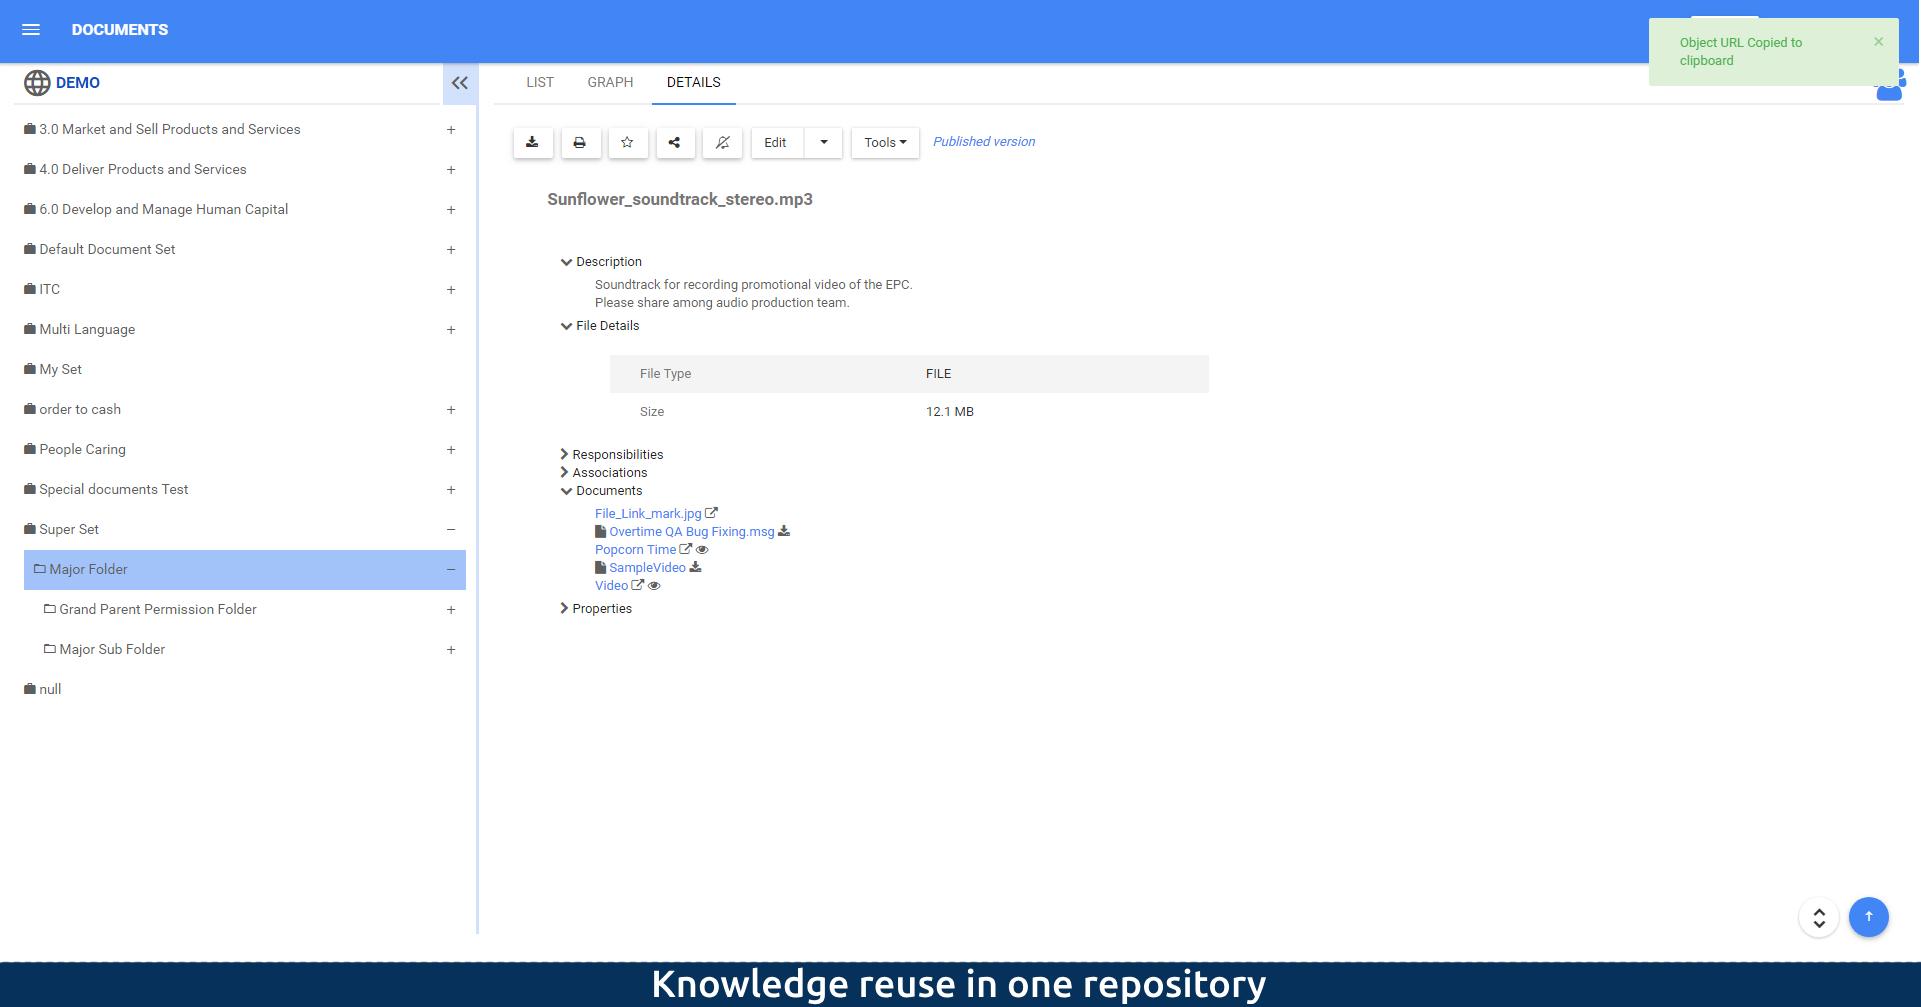 Knowledge reuse